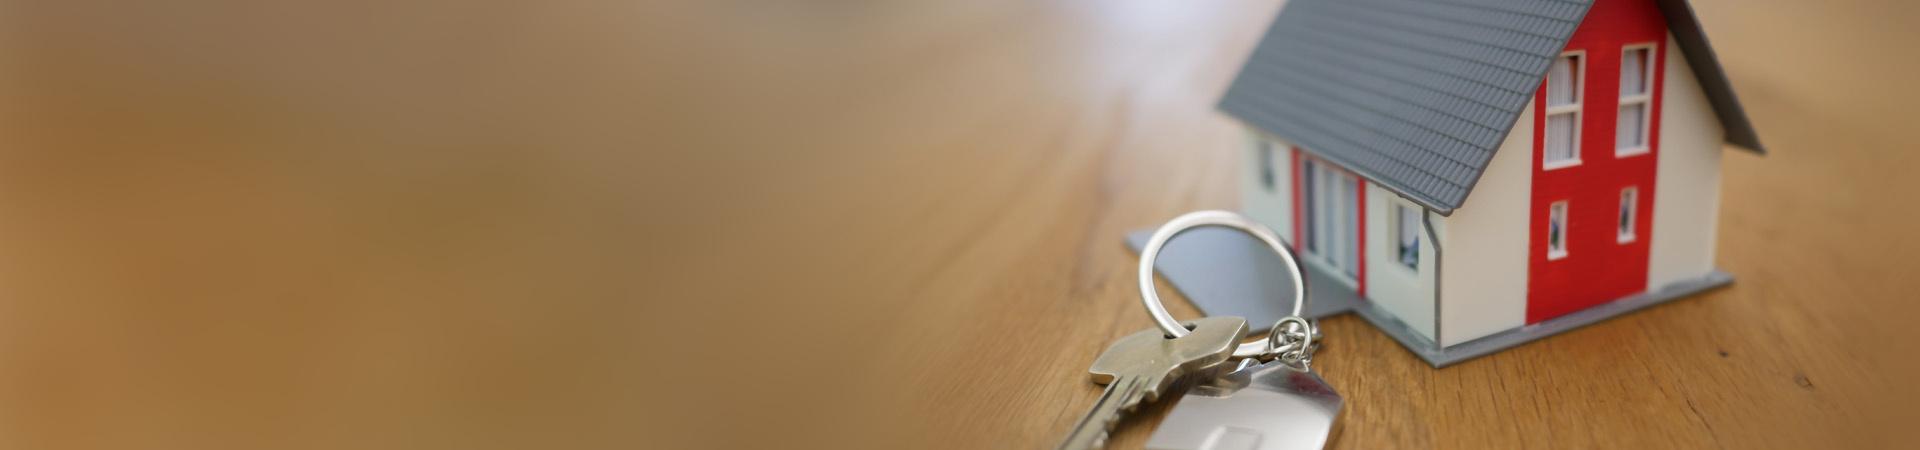 婚前房产纠纷律师24小时免费在线咨询